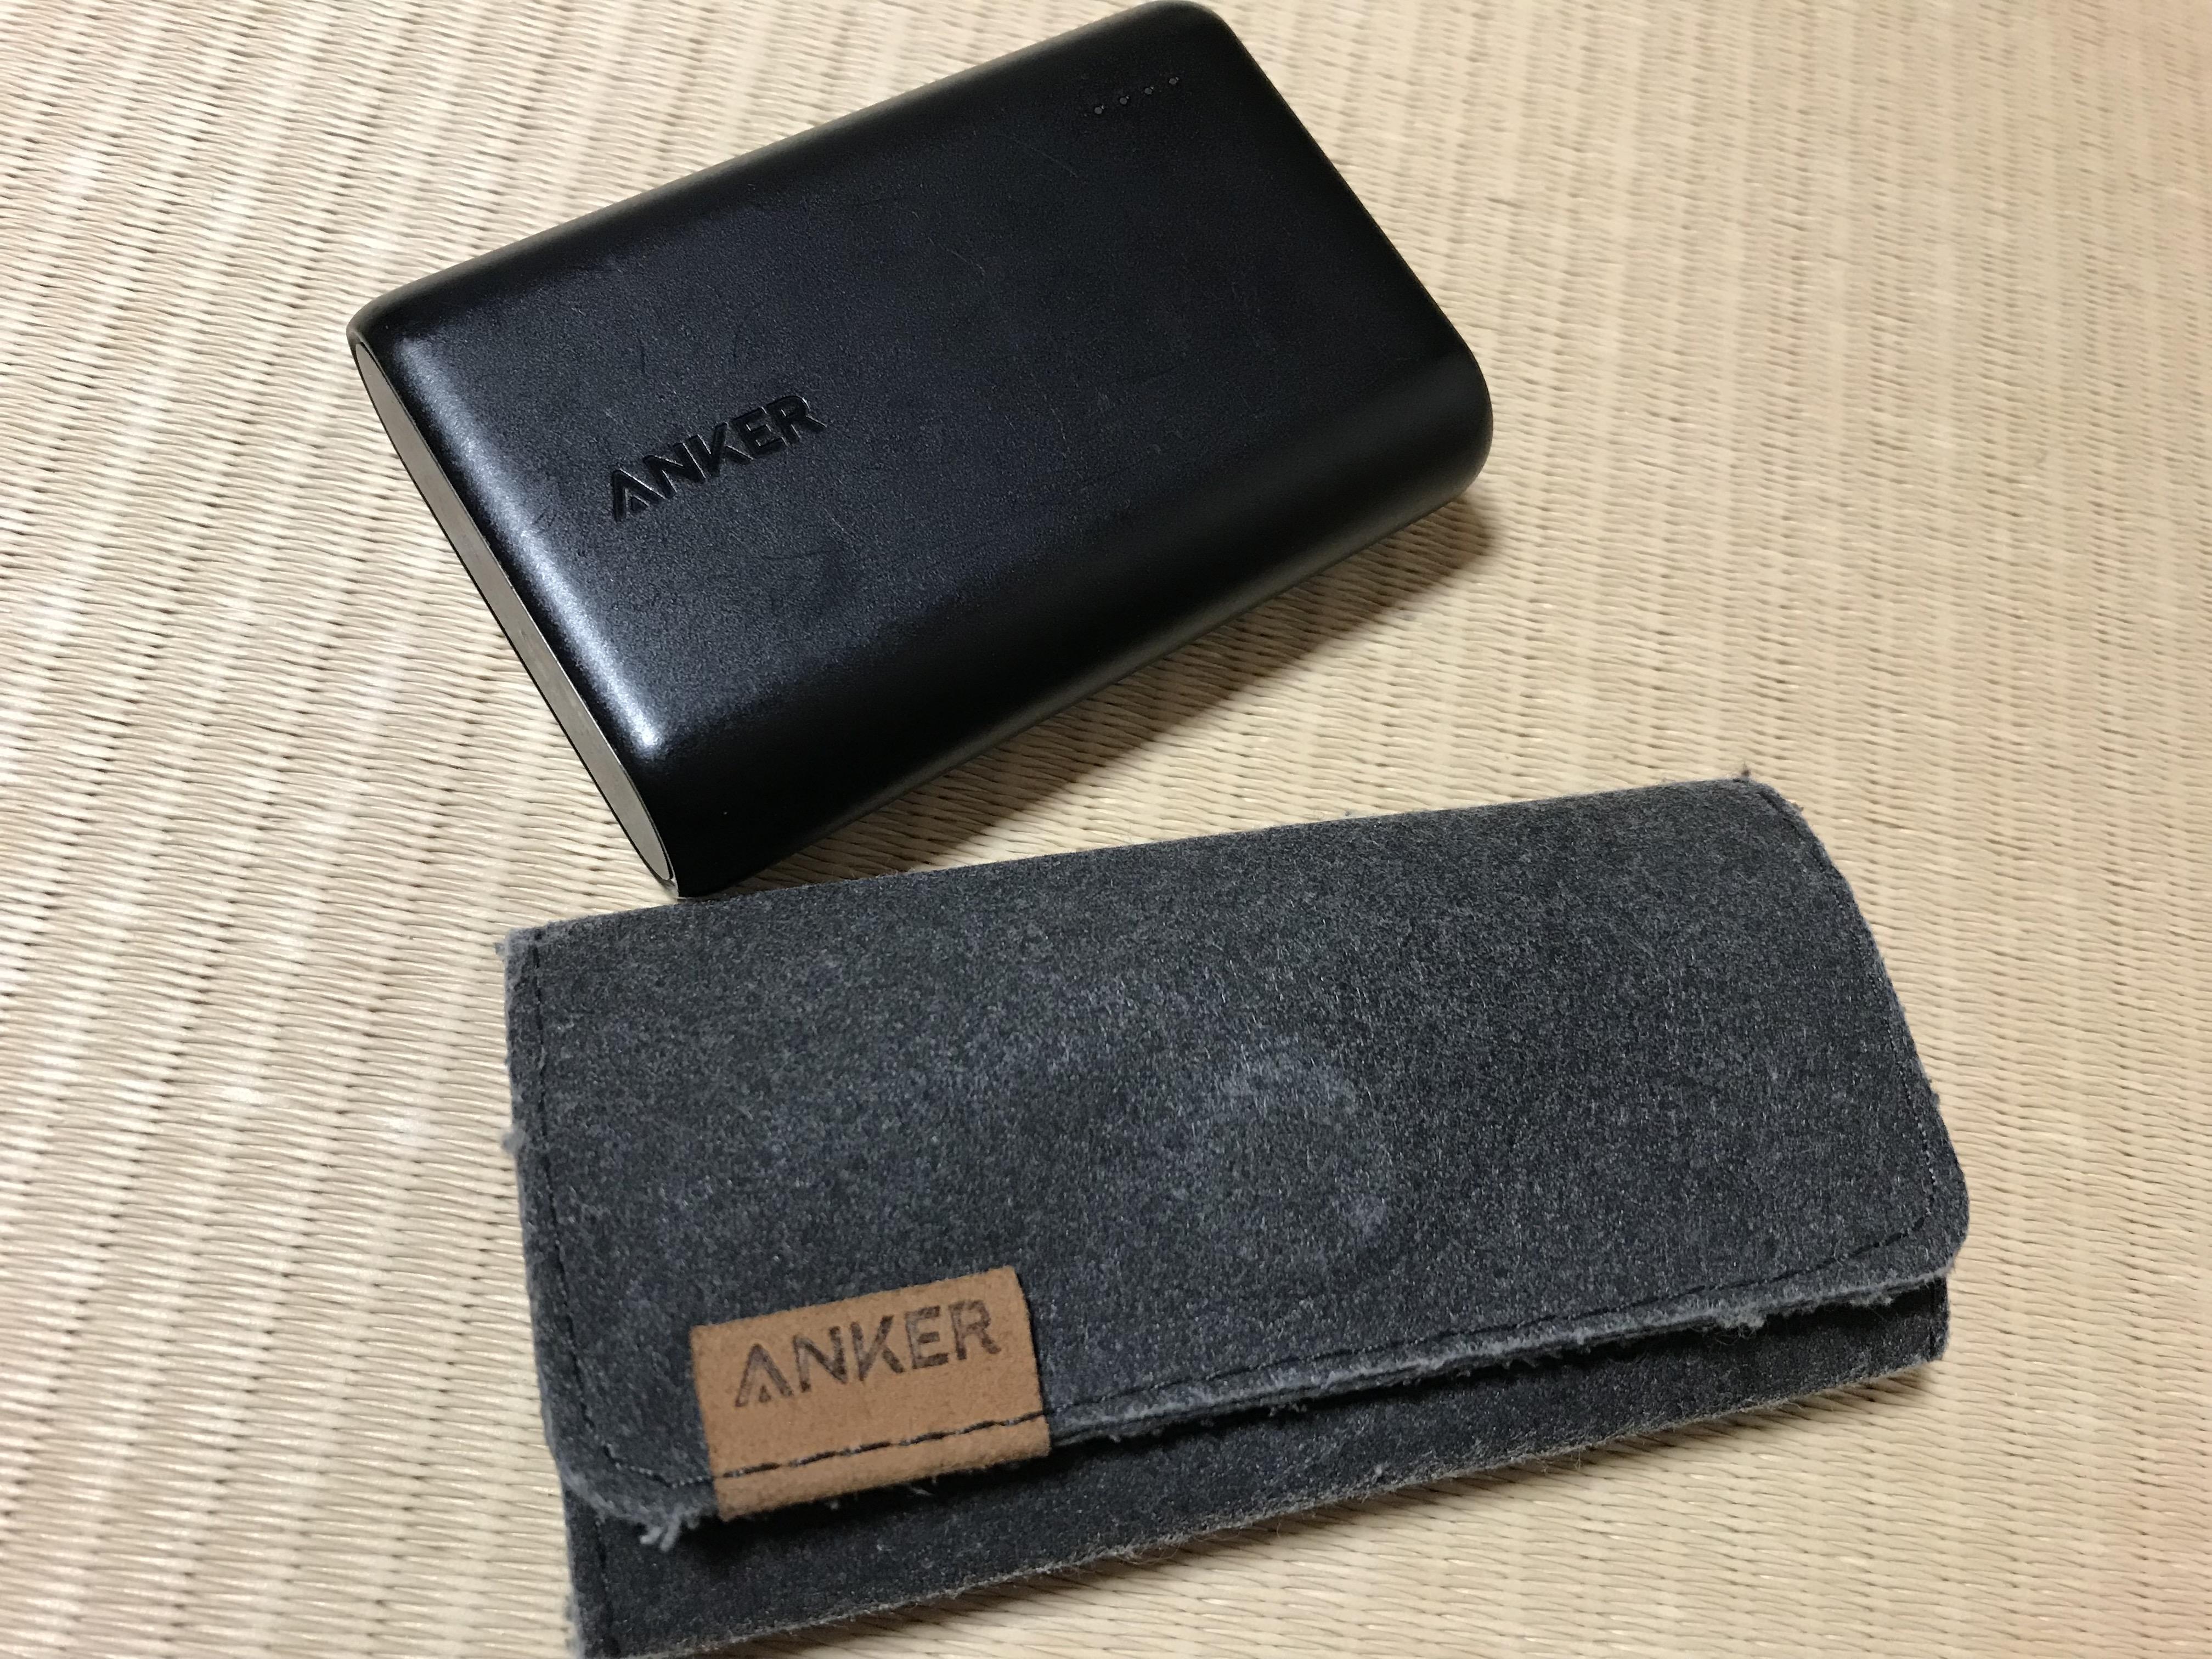 Ankerのモバイルバッテリーが故障したので問い合わせたら神対応だったよという話。